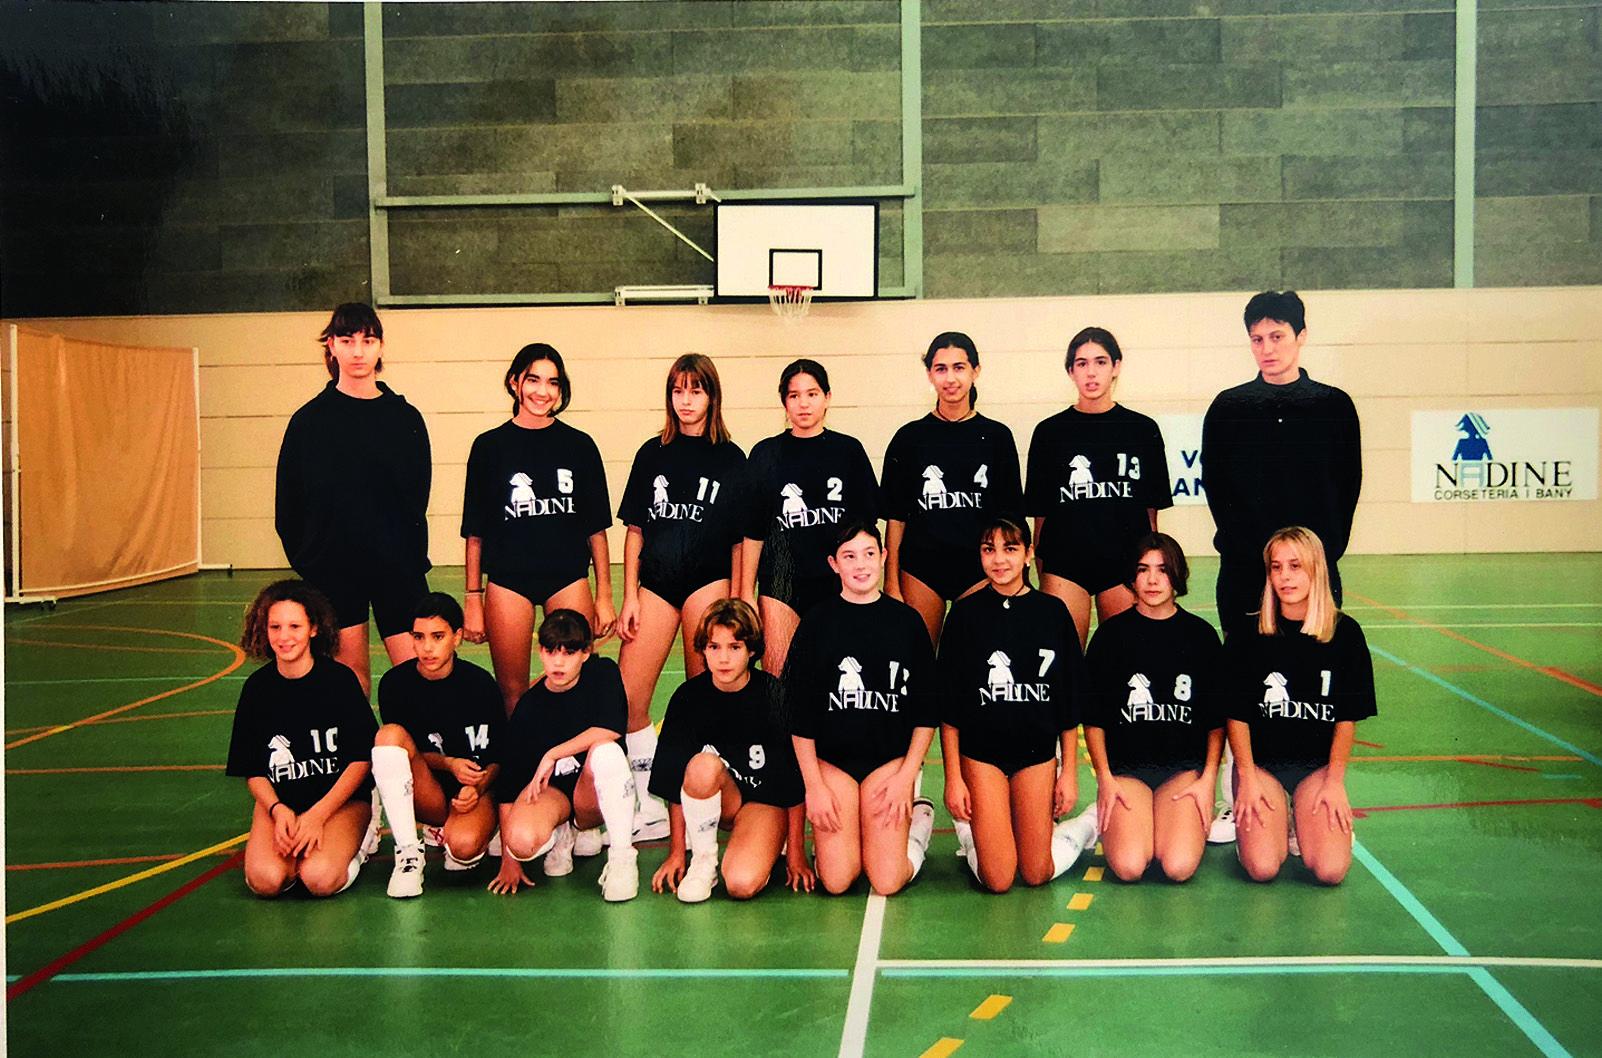 Un equip de base el Club Voleibol Sant Cugat. Foto Arxiu Club Volei Sant Cugat.